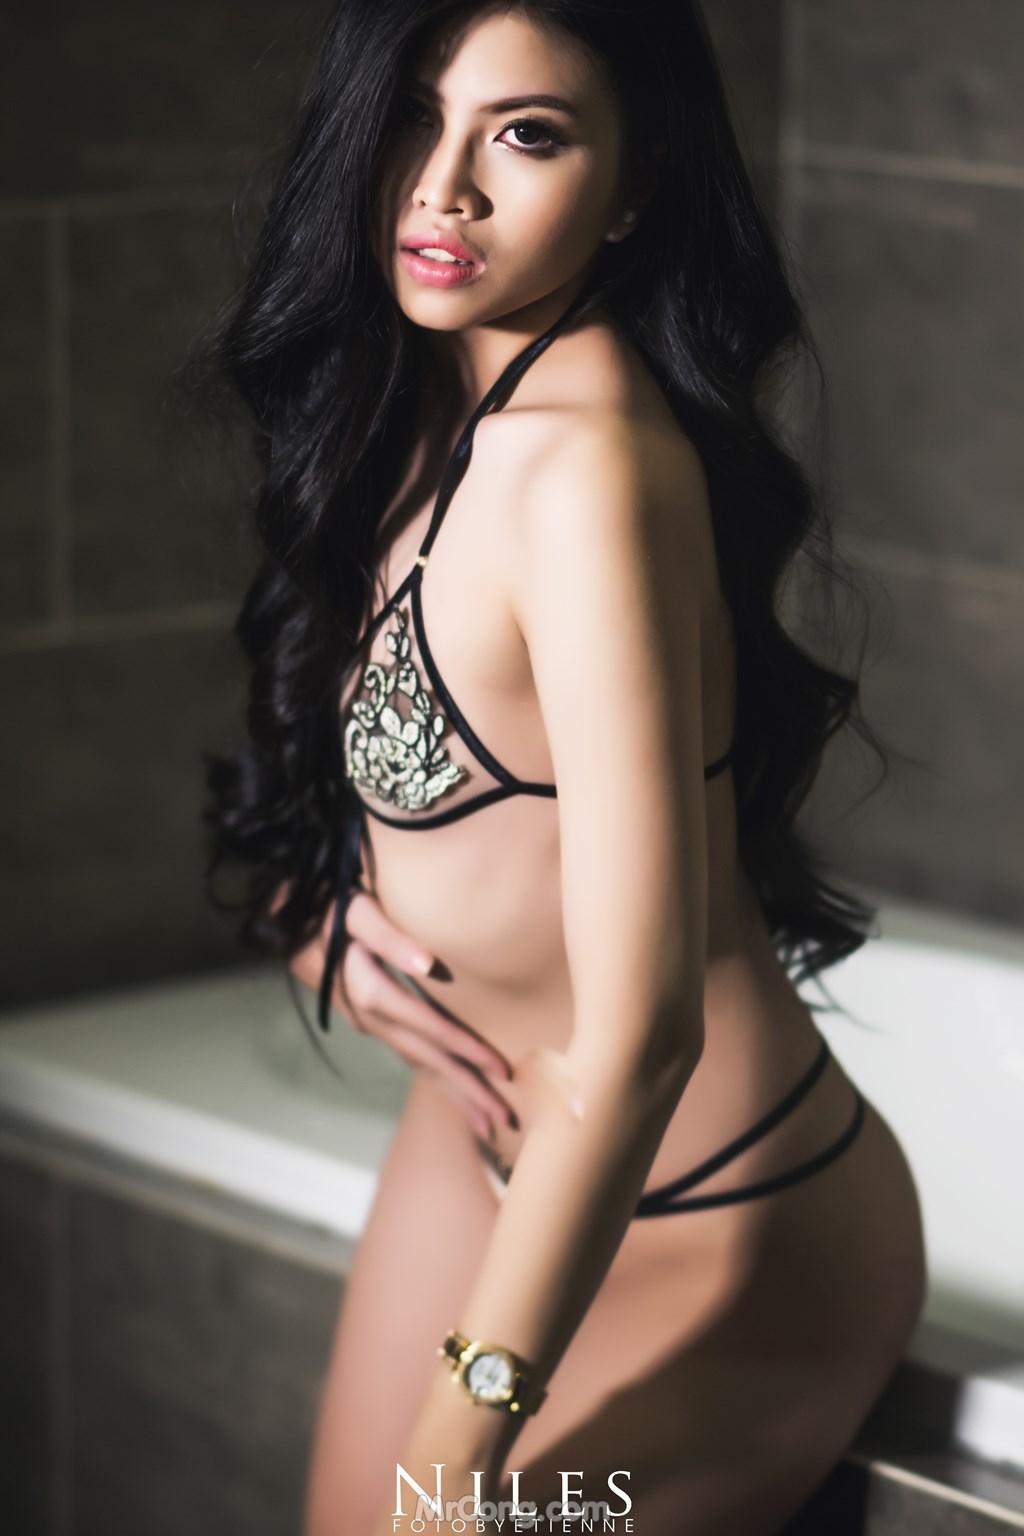 Image Sexy-Vietnamese-Models-by-Le-Blanc-Studio-Phan-2-MrCong.com-005 in post Những bức ảnh nội y, bikini siêu nóng bỏng của Le Blanc Studio – Phần 2 (458 ảnh)